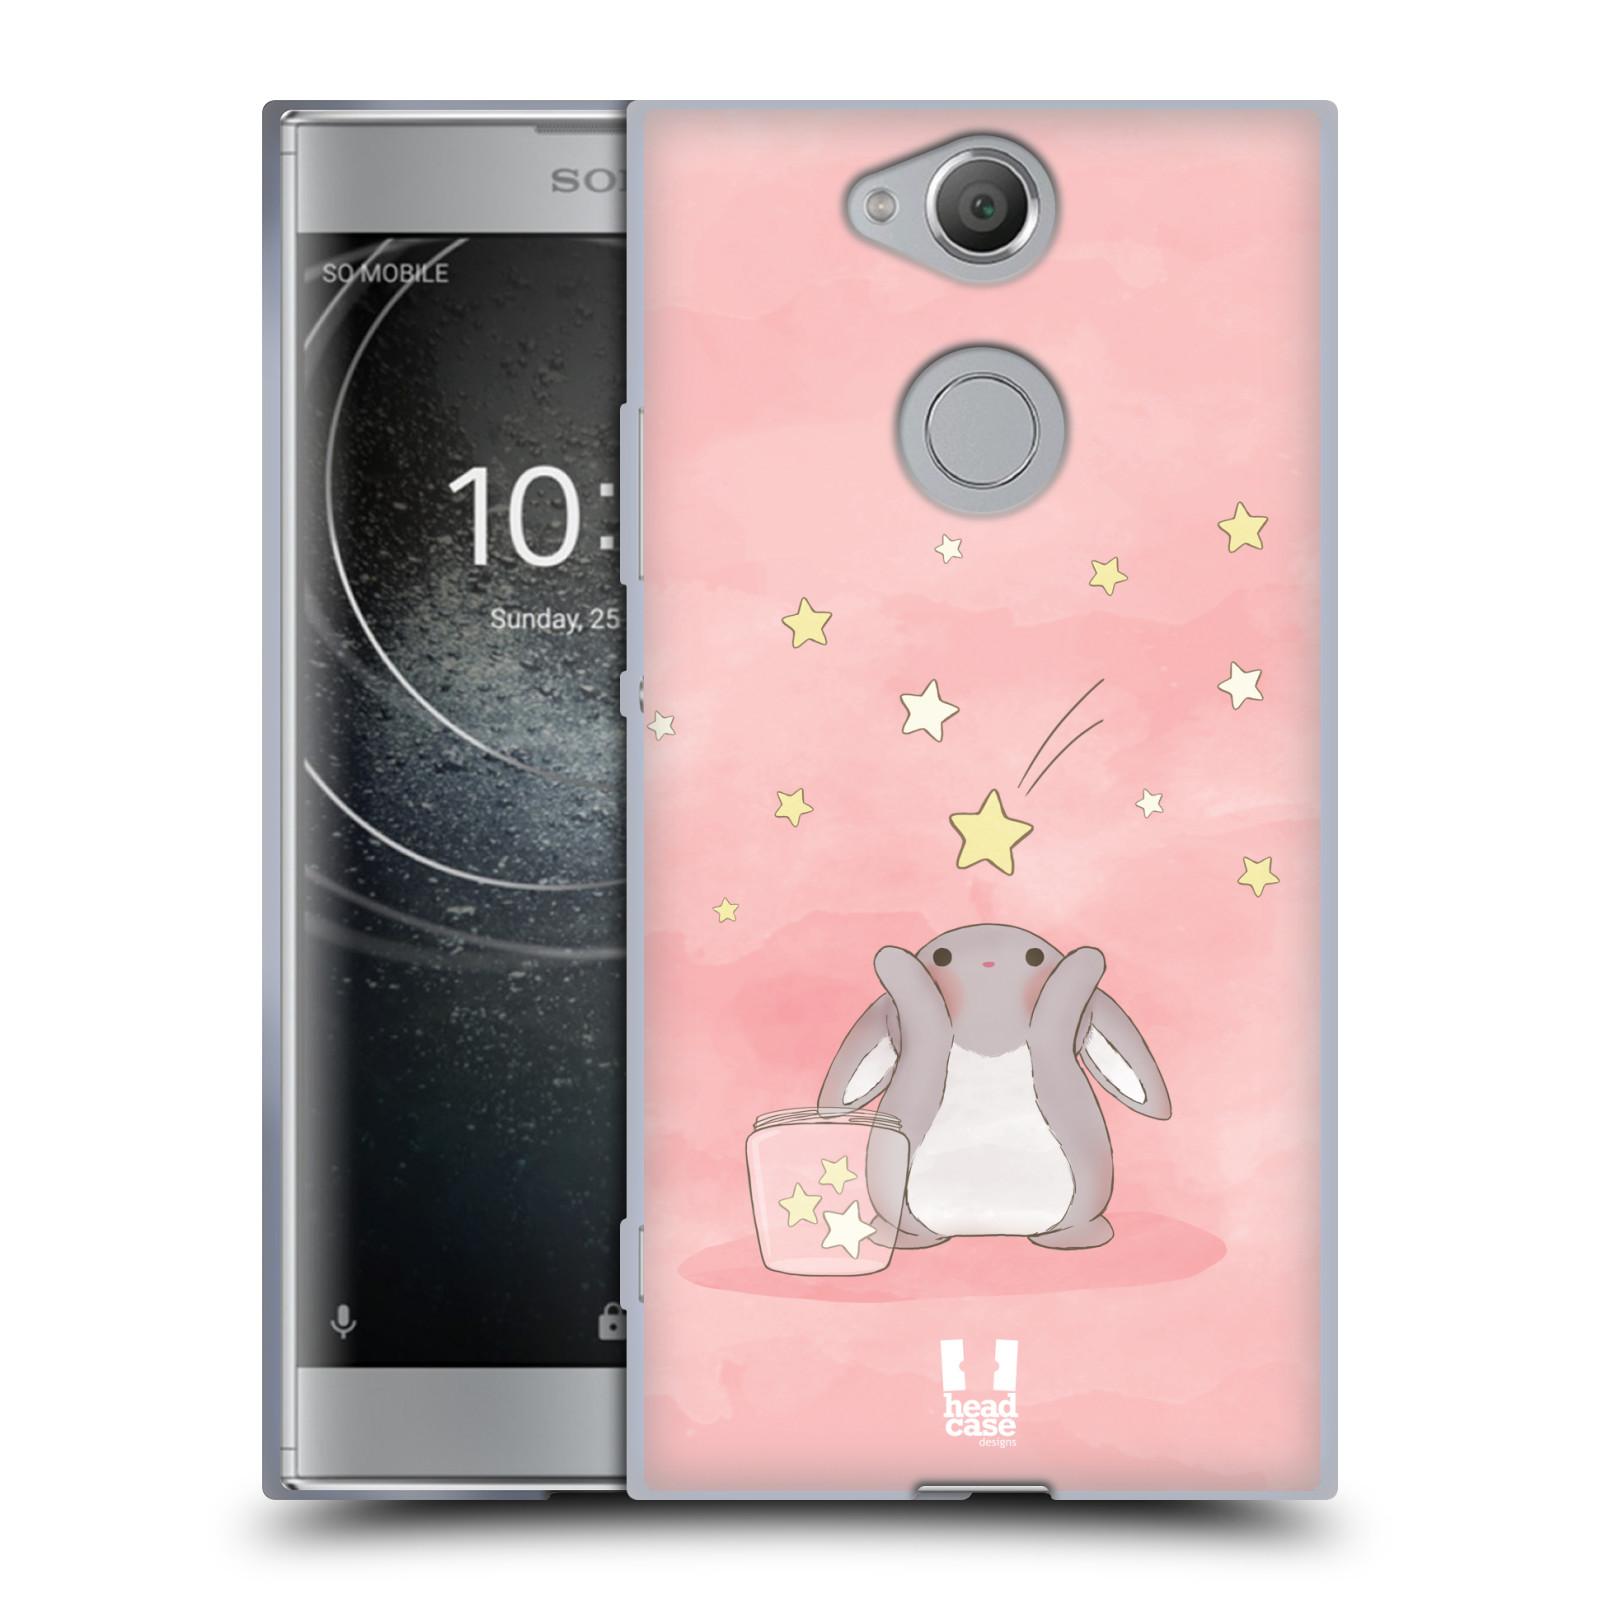 Pouzdro na mobil Sony Xperia XA2 (DUAL SIM, SINGLE SIM) vzor králíček a hvězdy růžová